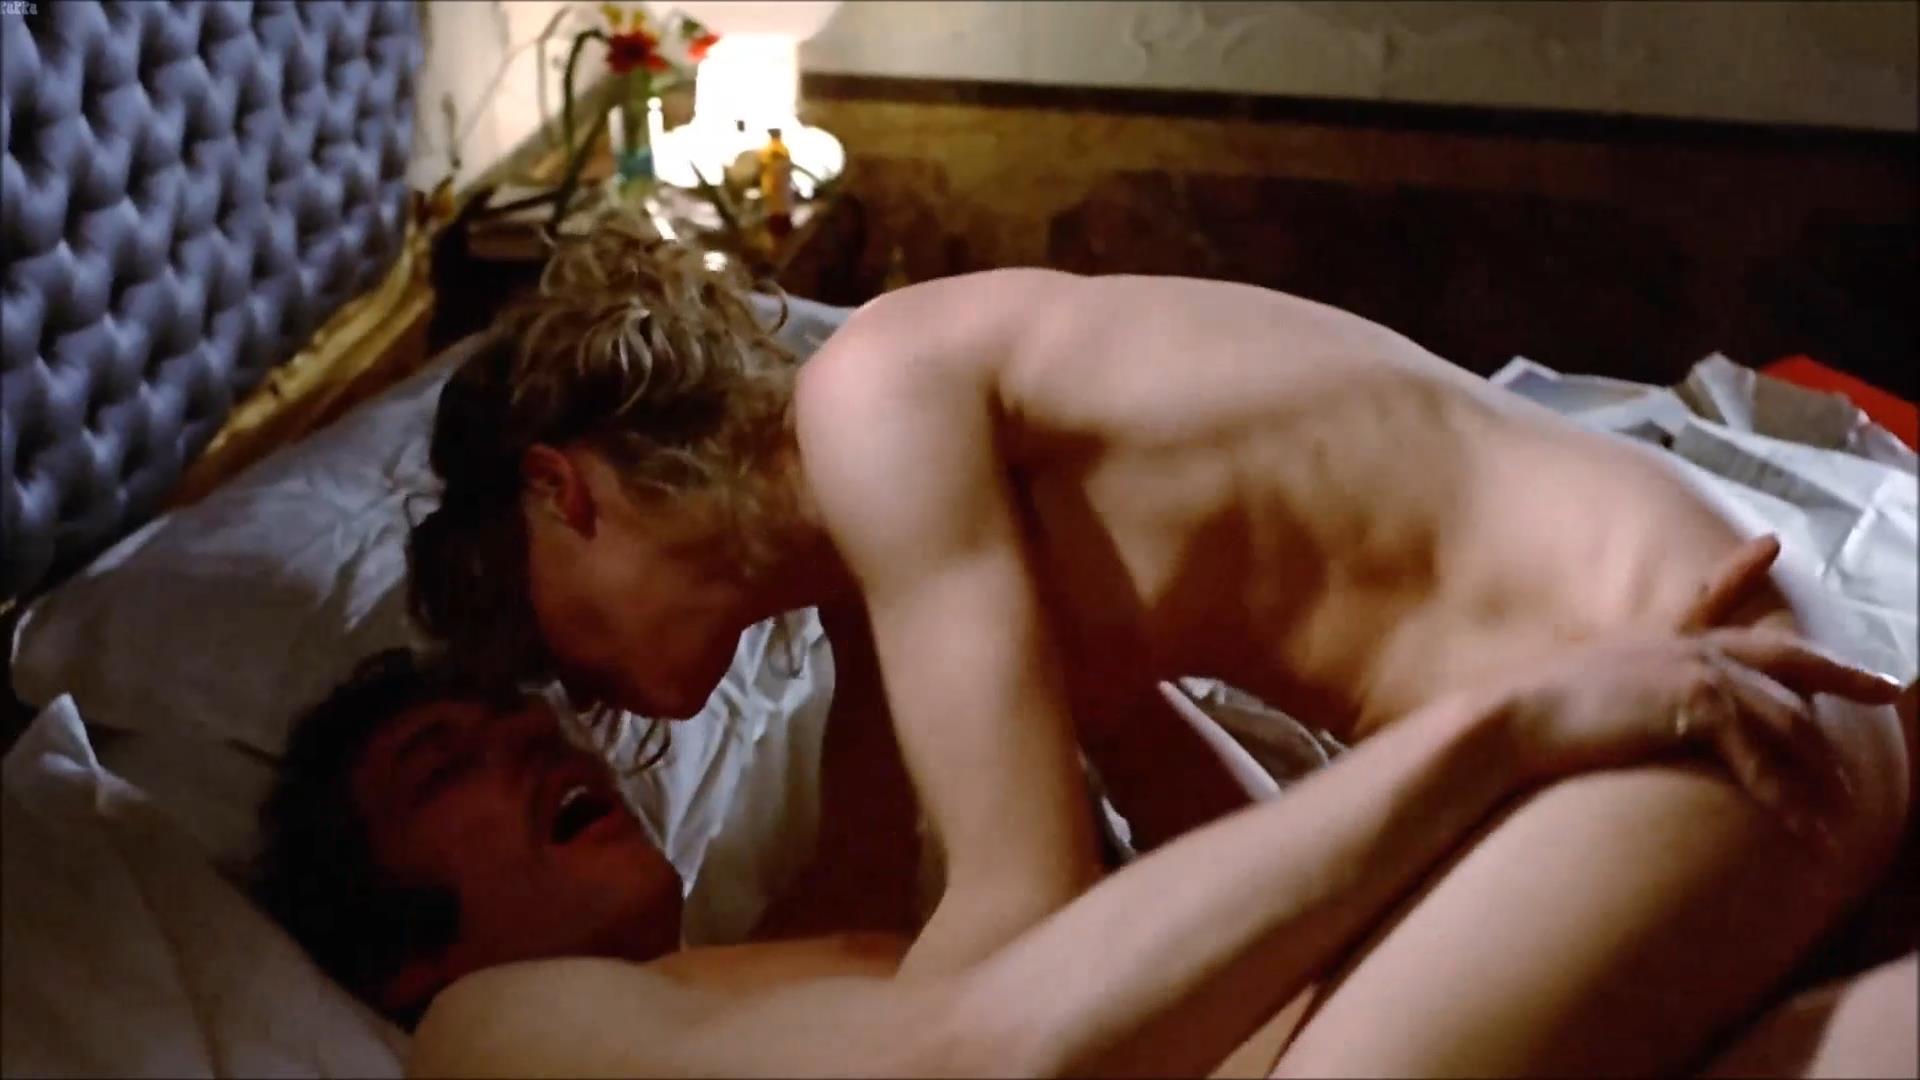 Giochi erotici da fare scene di film molto hot